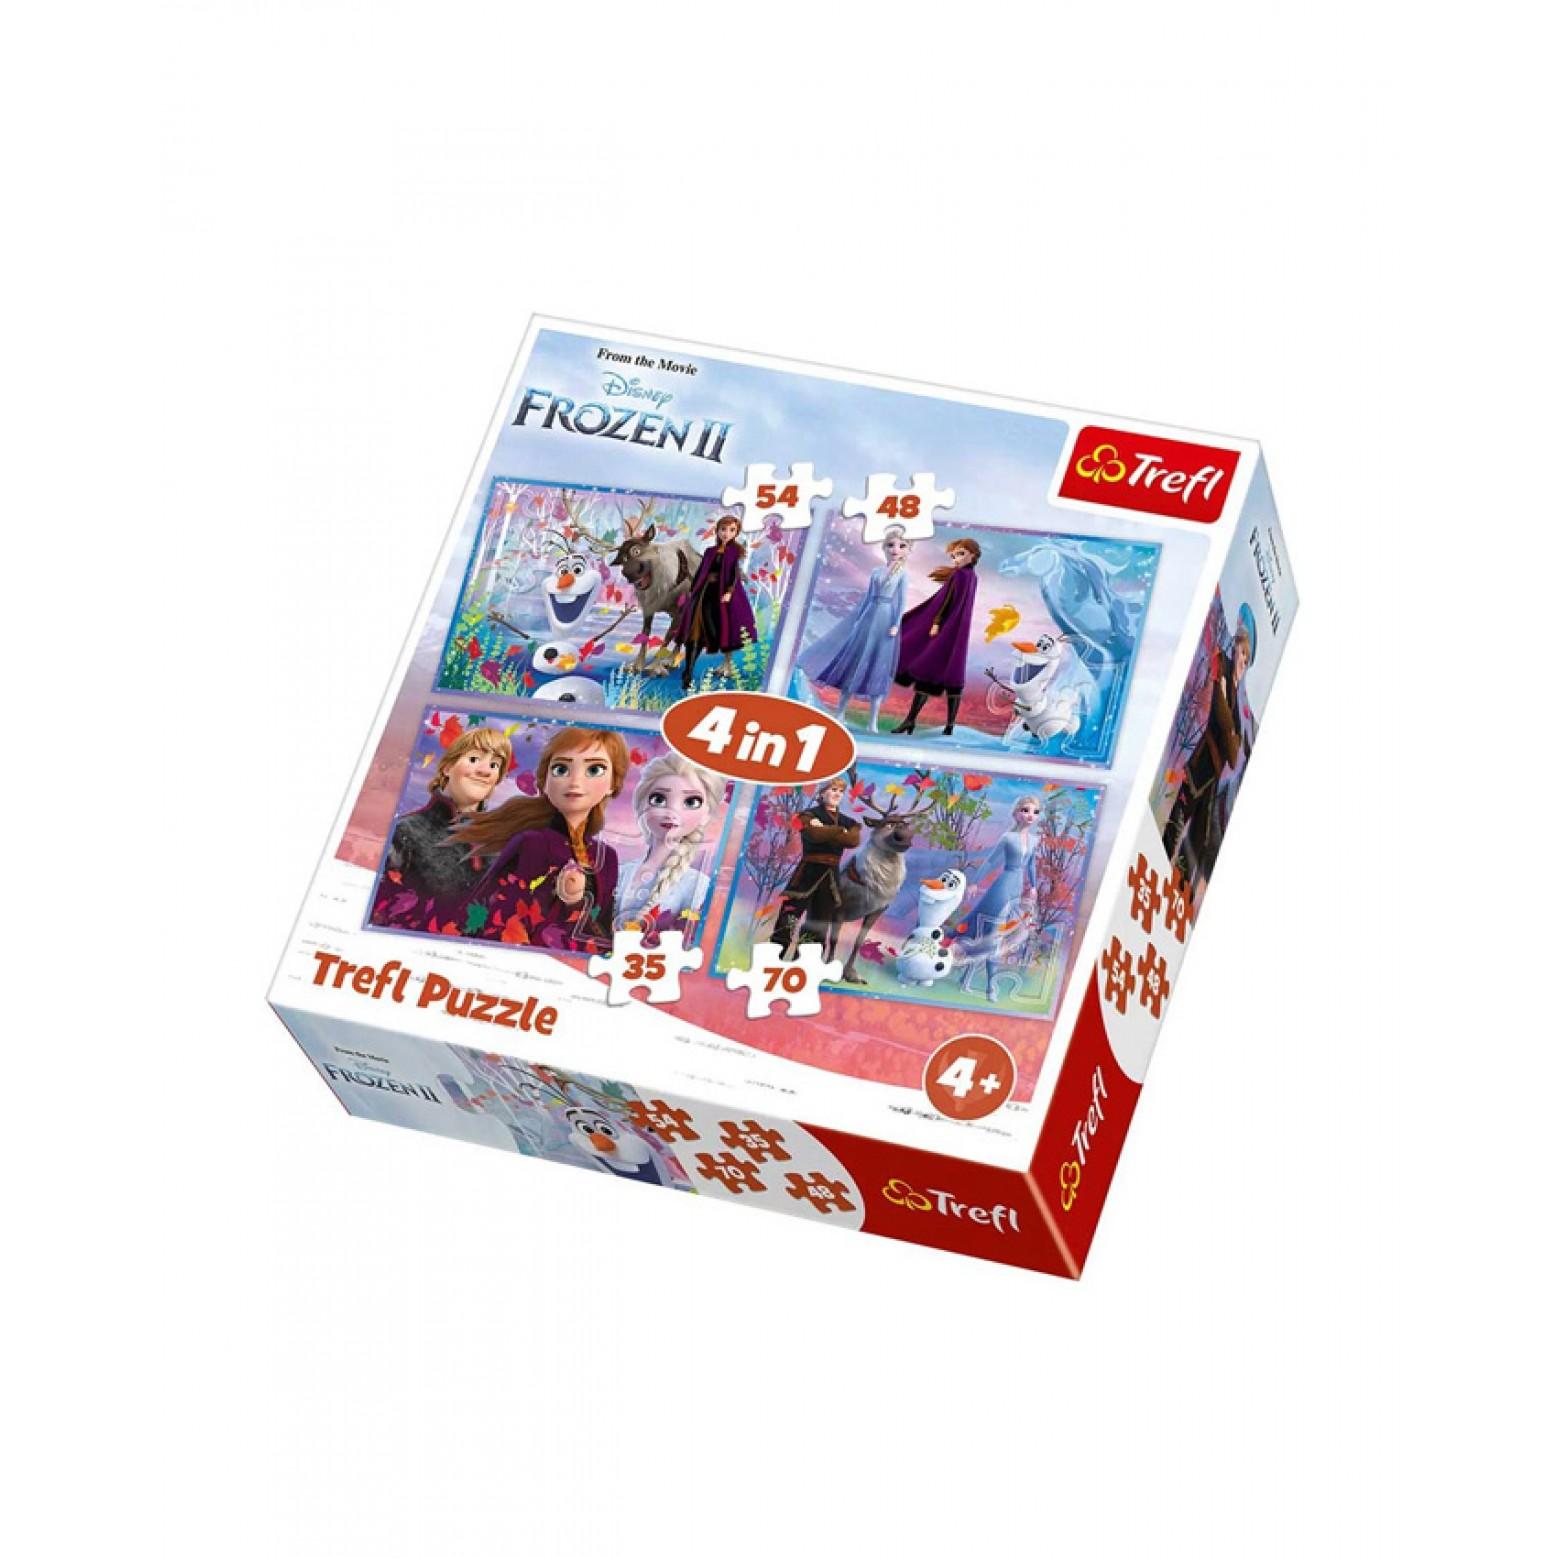 Frozen II 4 in 1 puzzel 4+